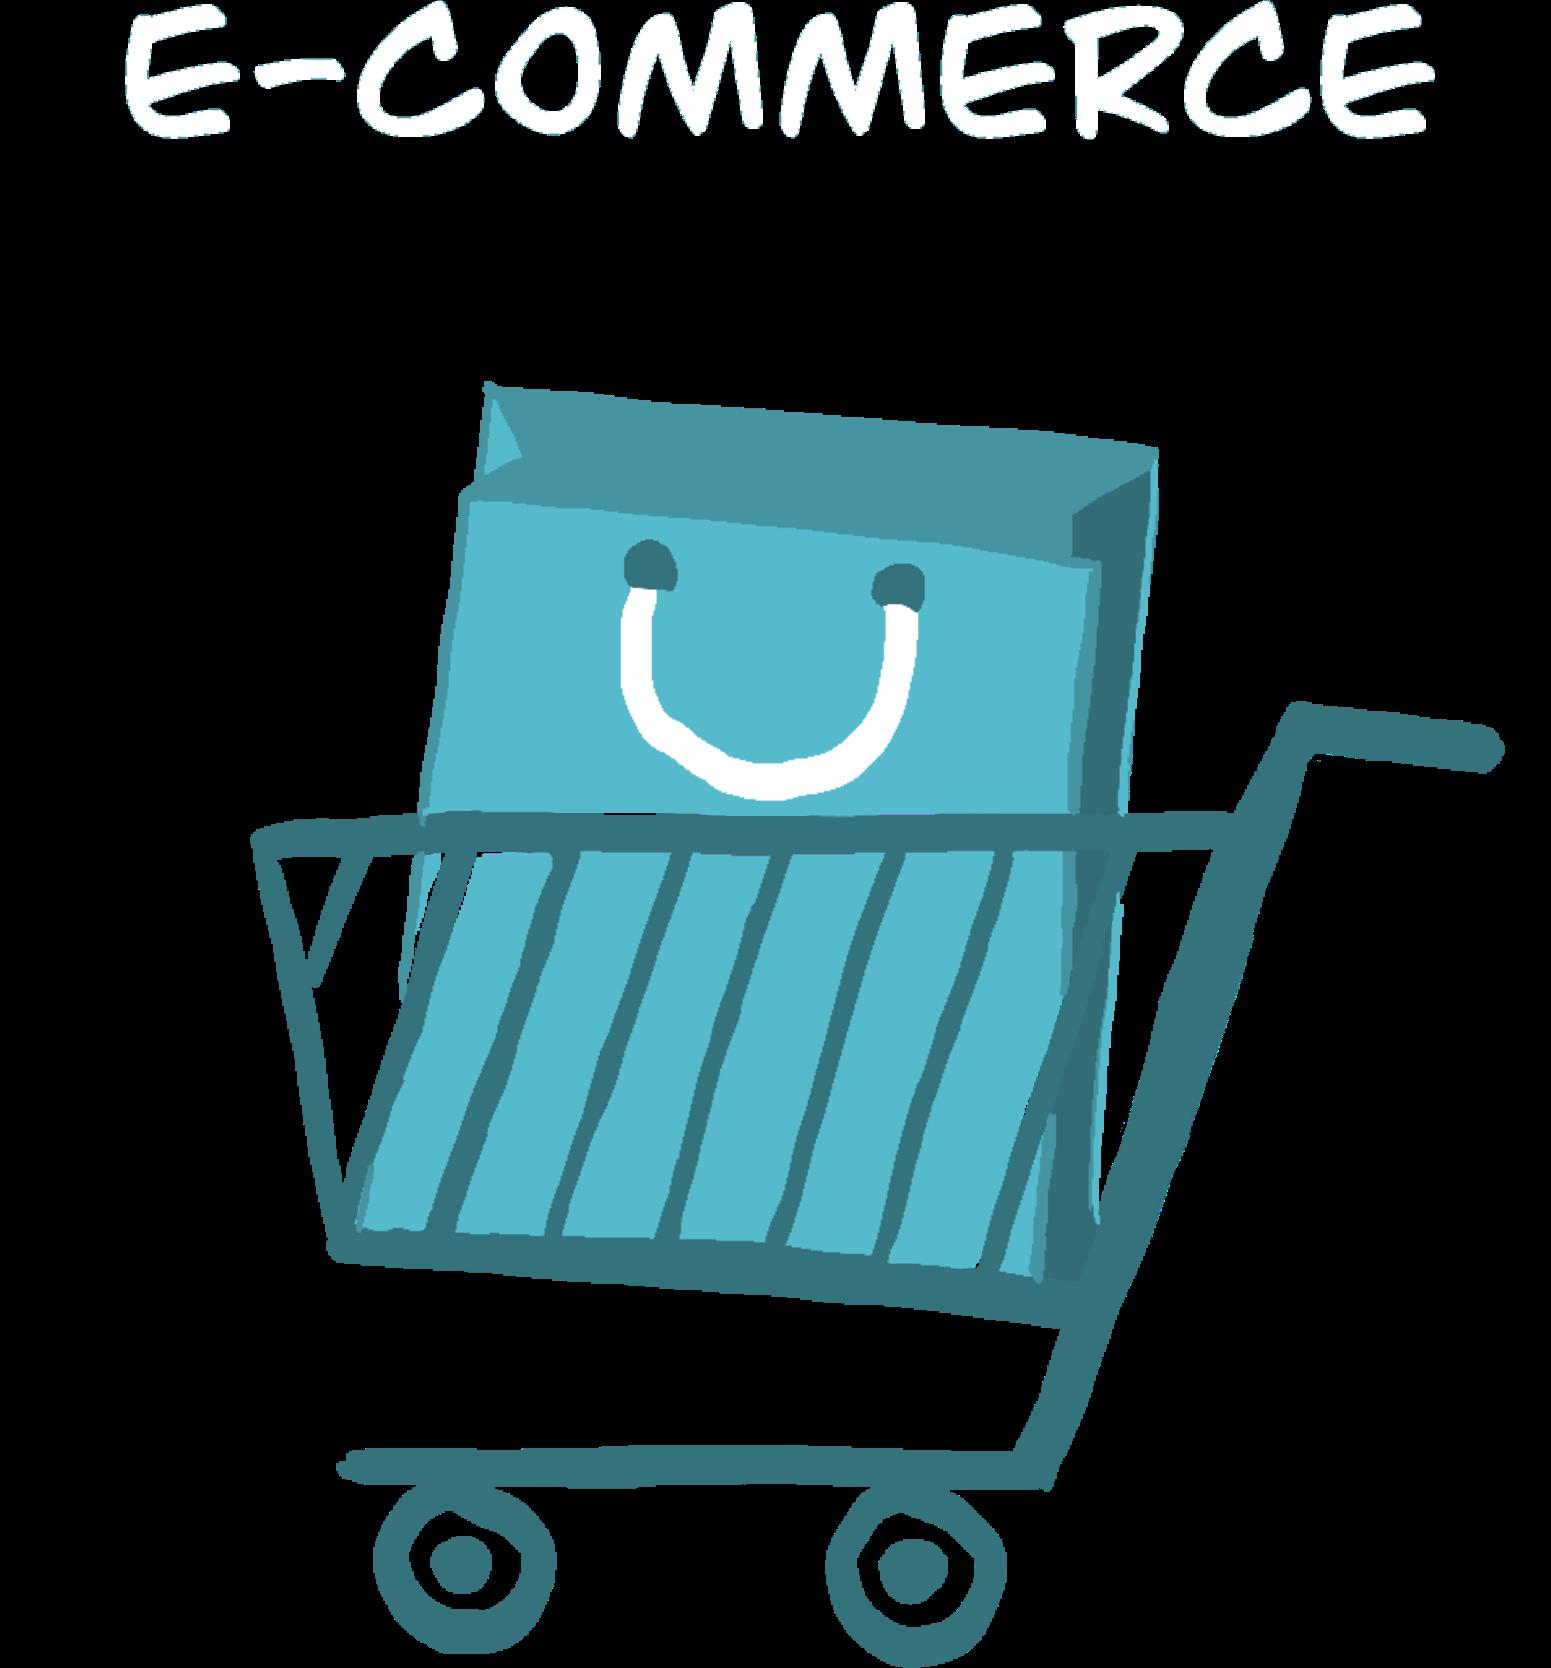 e-commerce cart promotion